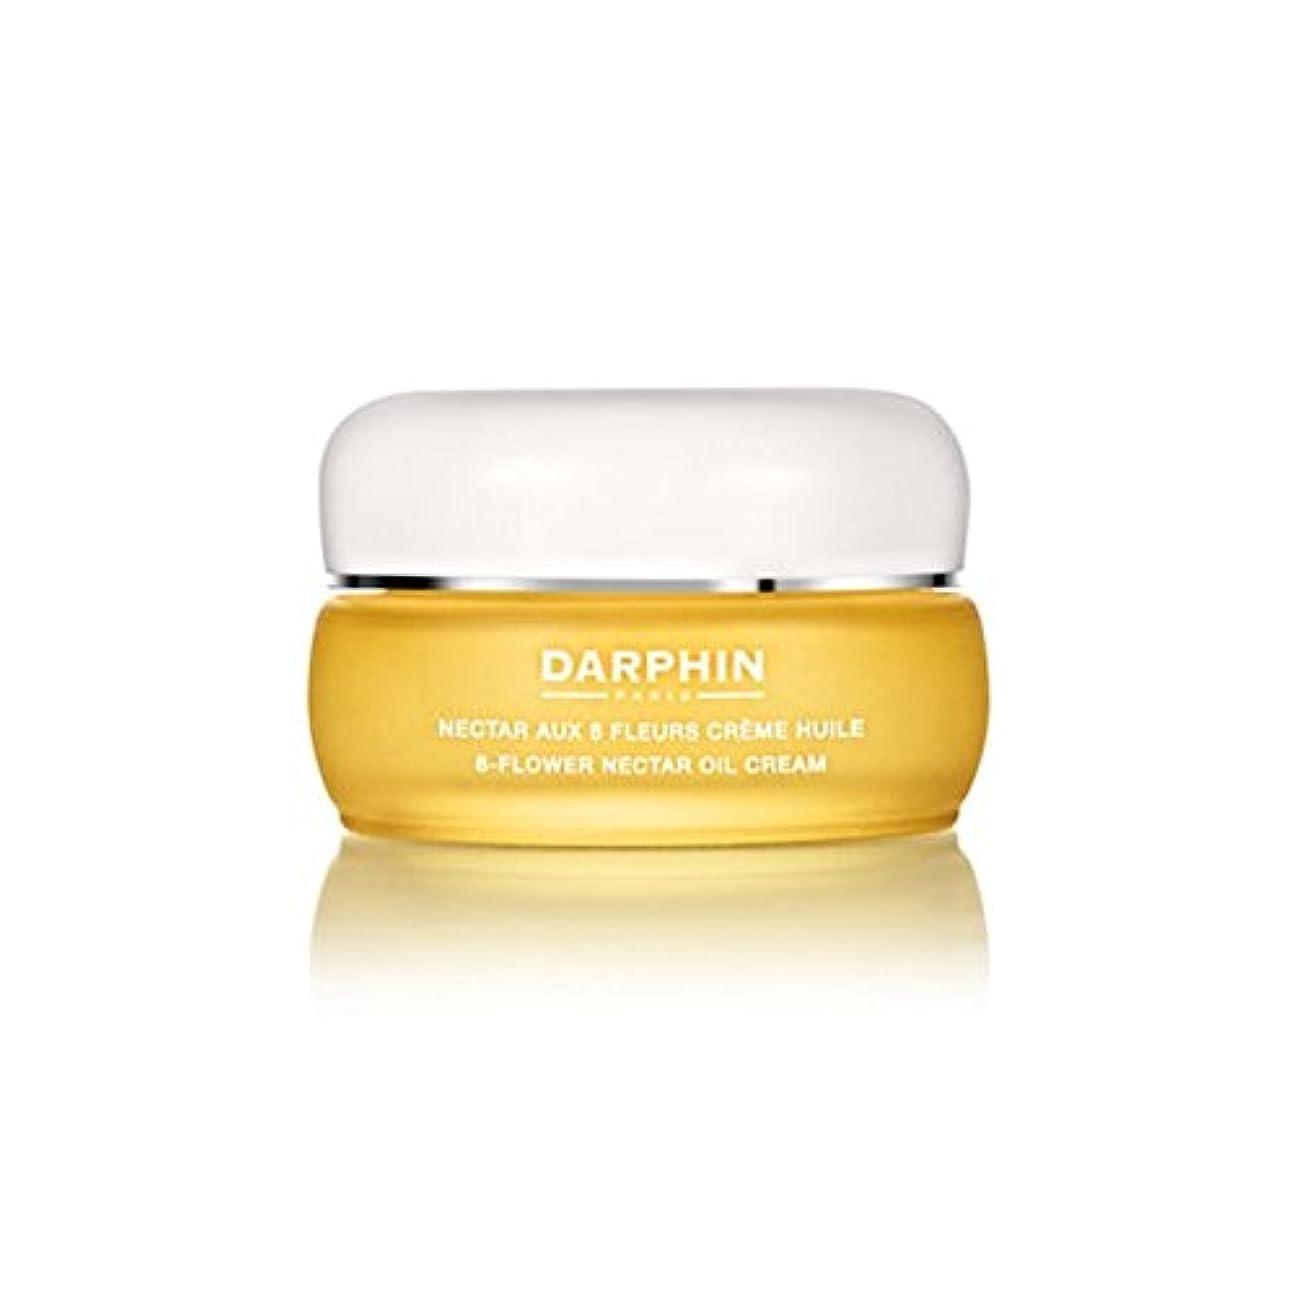 振り向くクリアギャロップダルファン8フラワー油クリーム(30ミリリットル) x4 - Darphin 8-Flower Oil Cream (30ml) (Pack of 4) [並行輸入品]